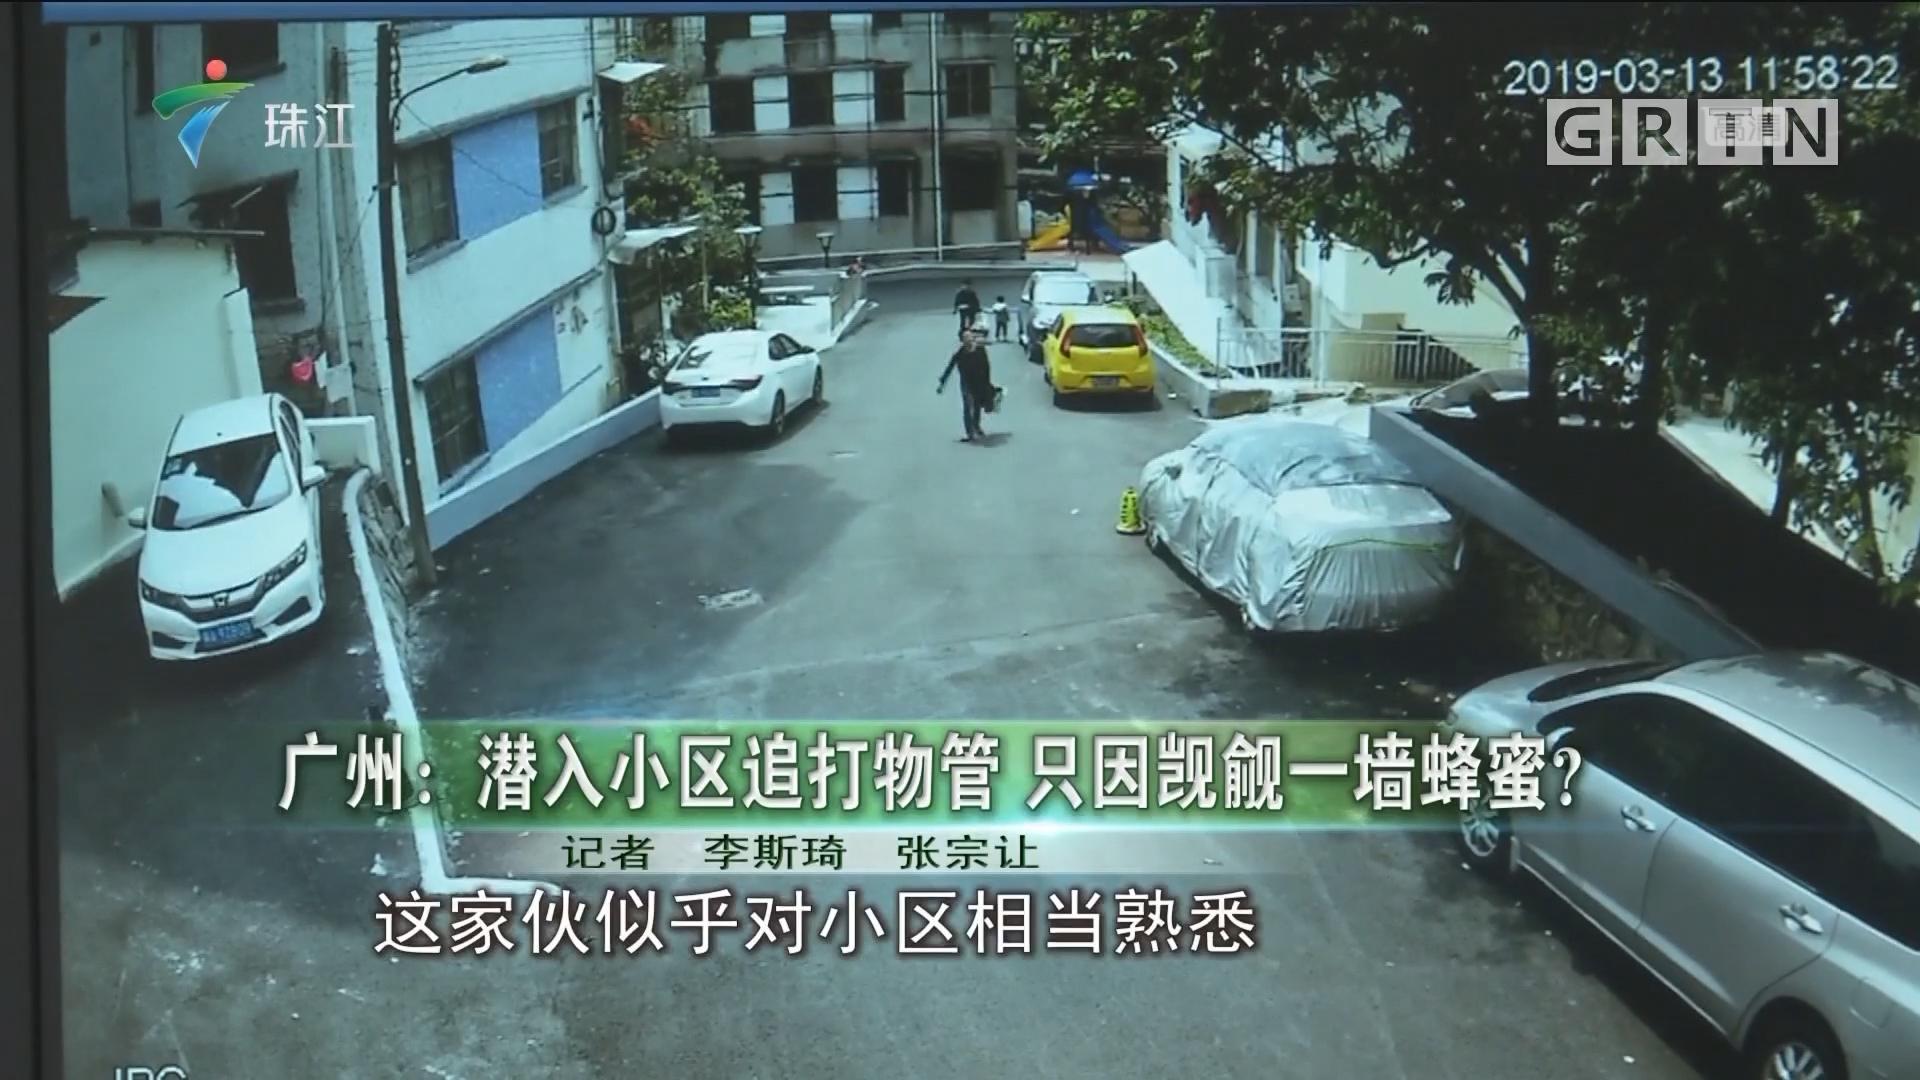 广州:潜入小区追打物管 只因觊觎一墙蜂蜜?